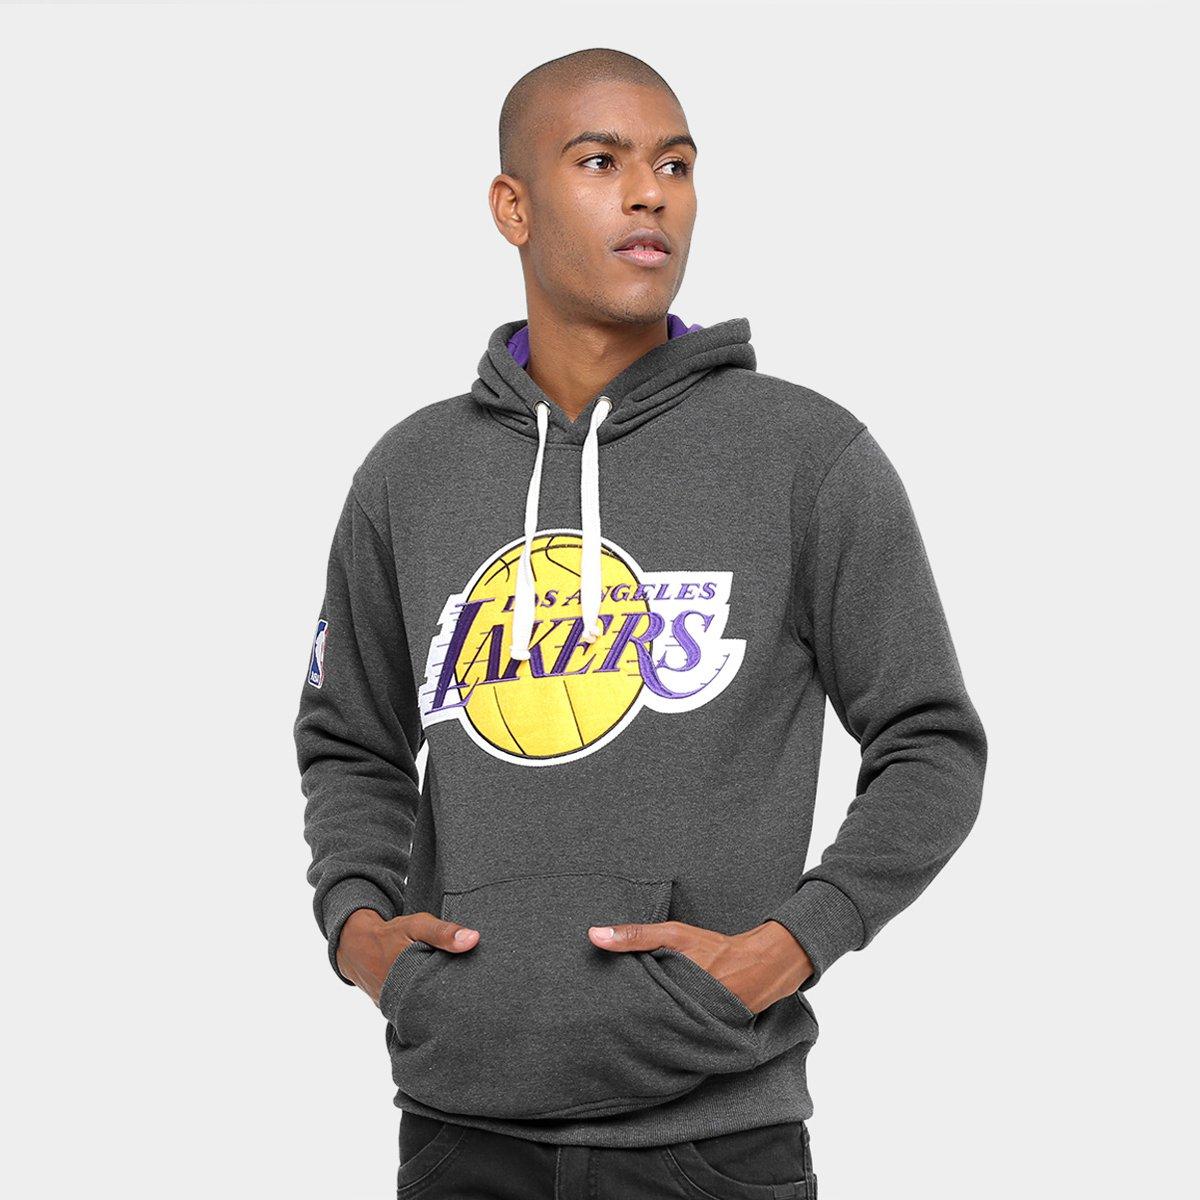 Blusão Los Angeles Lakers NBA Moletom Fechado 17 Masculino - Compre Agora  225f276562a